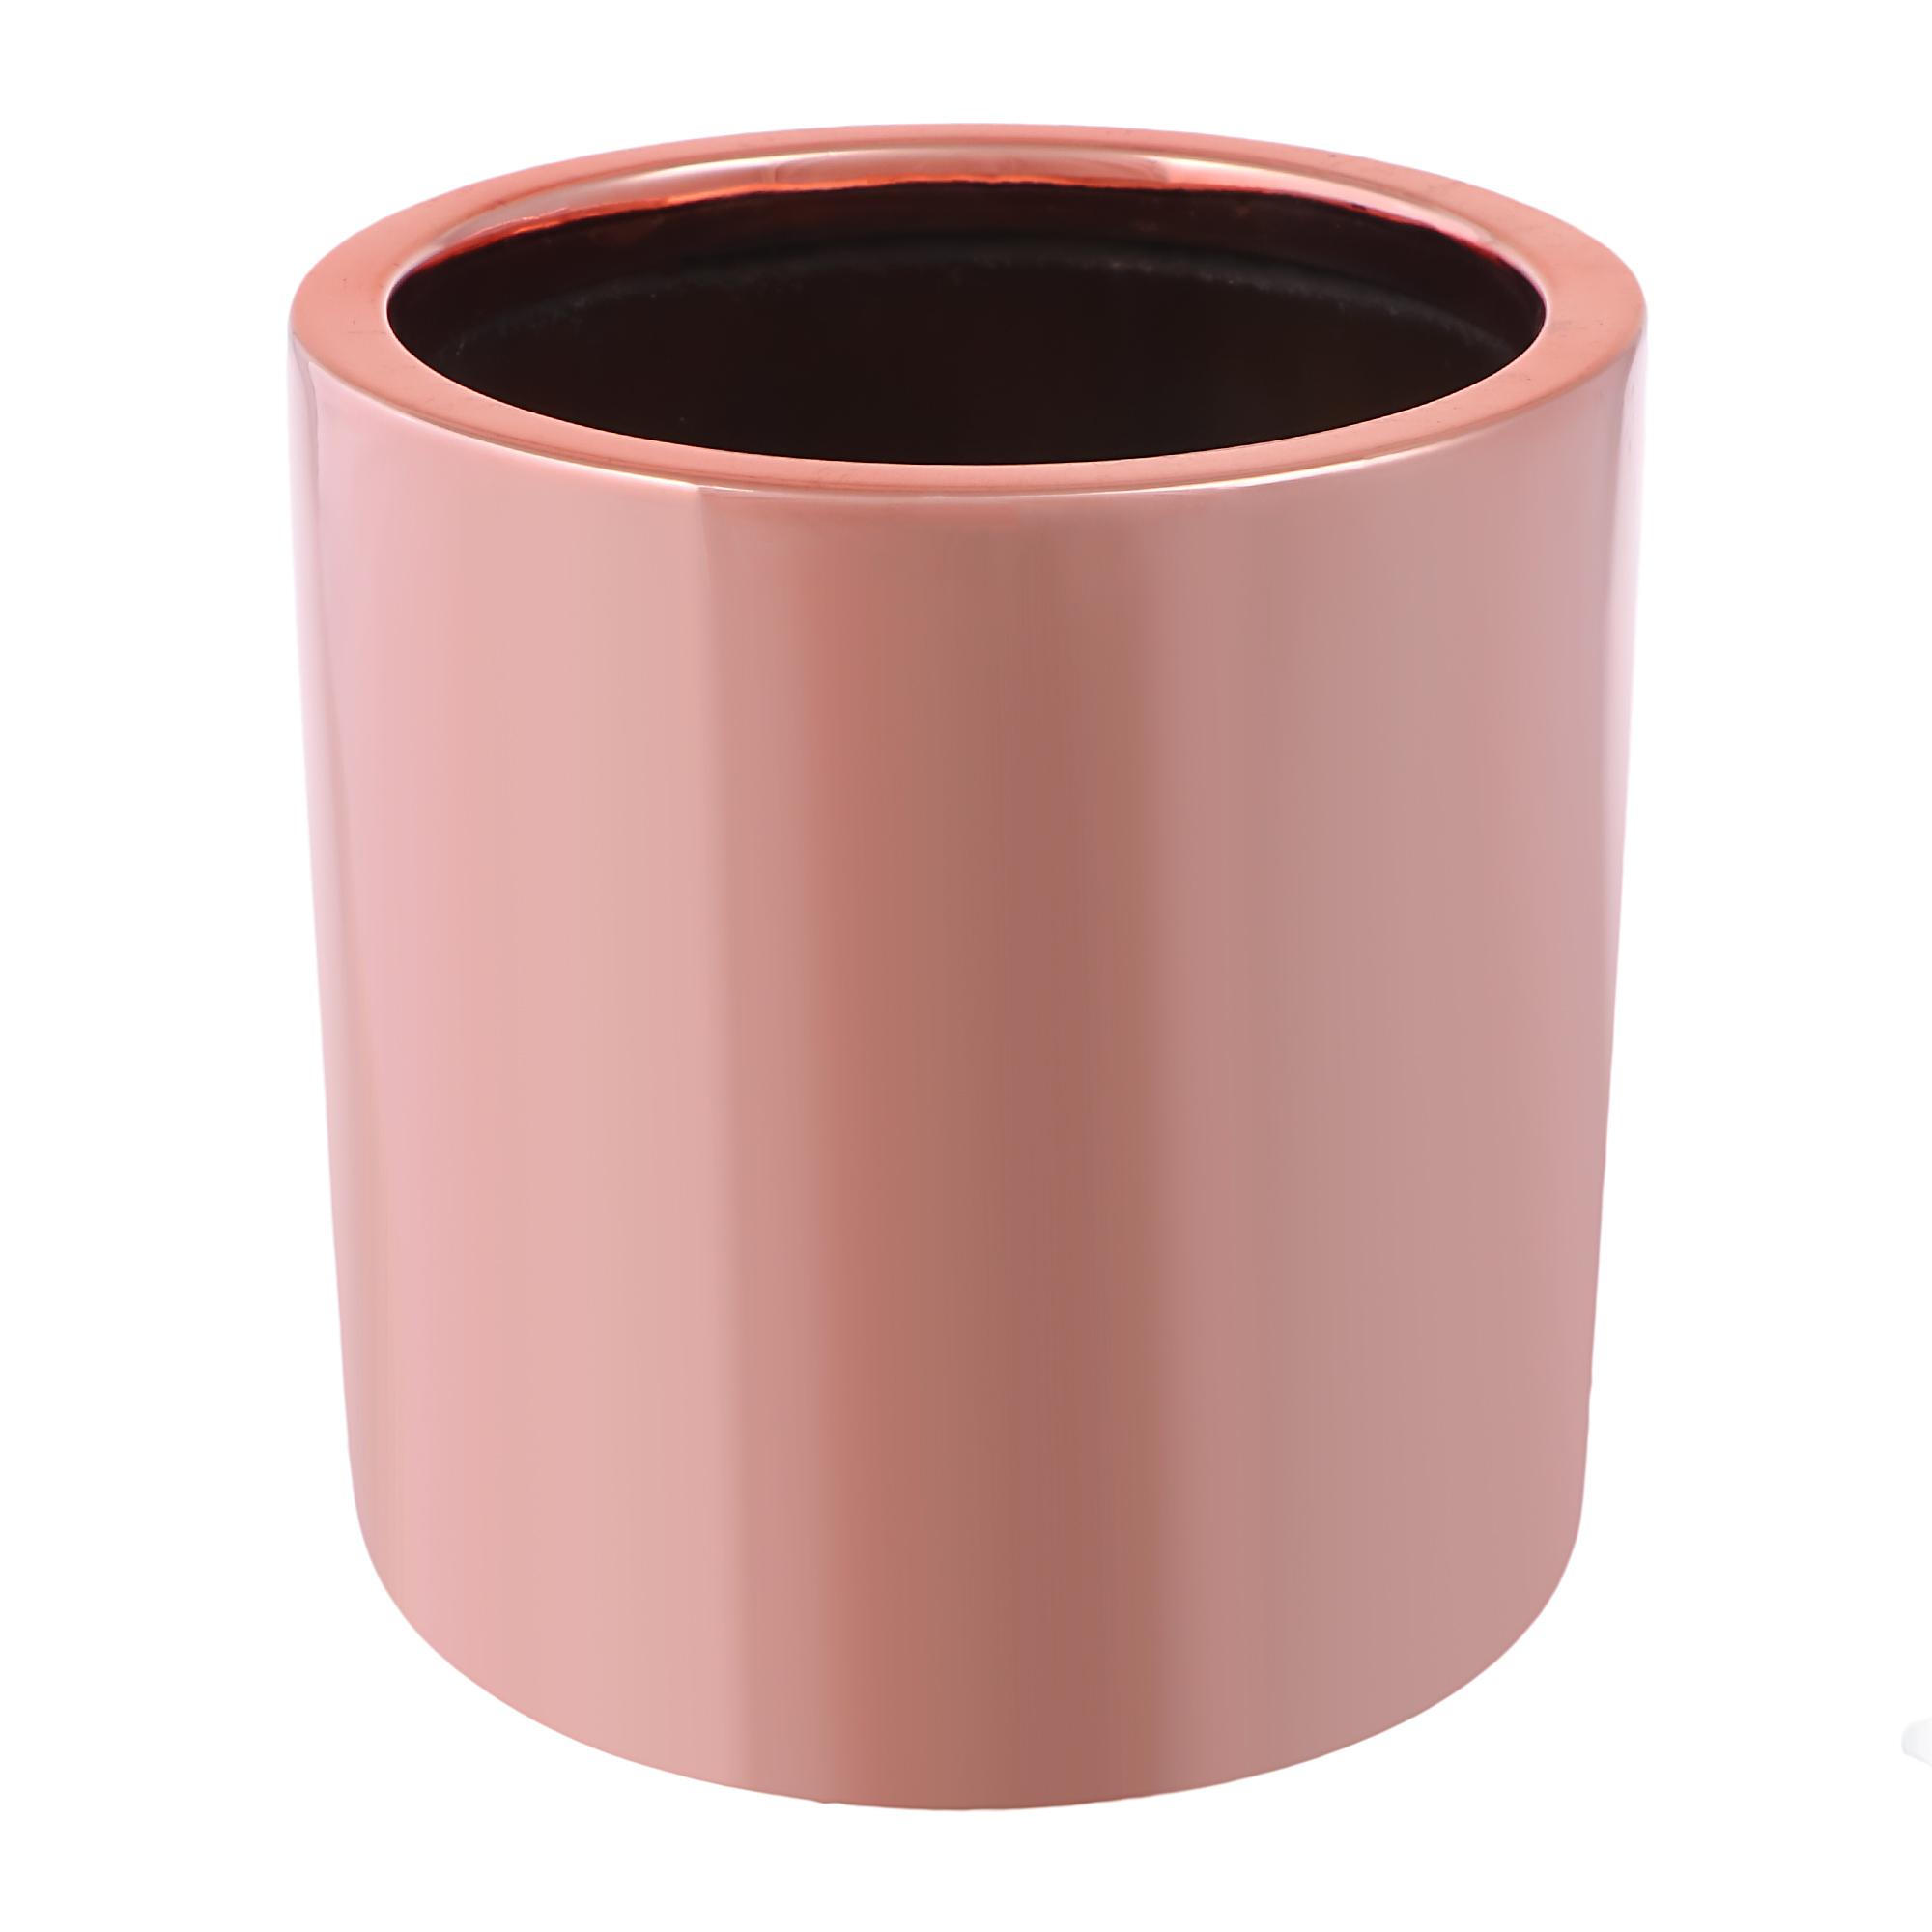 Кашпо Pottery Pots Puk 15х15 см розовая платина